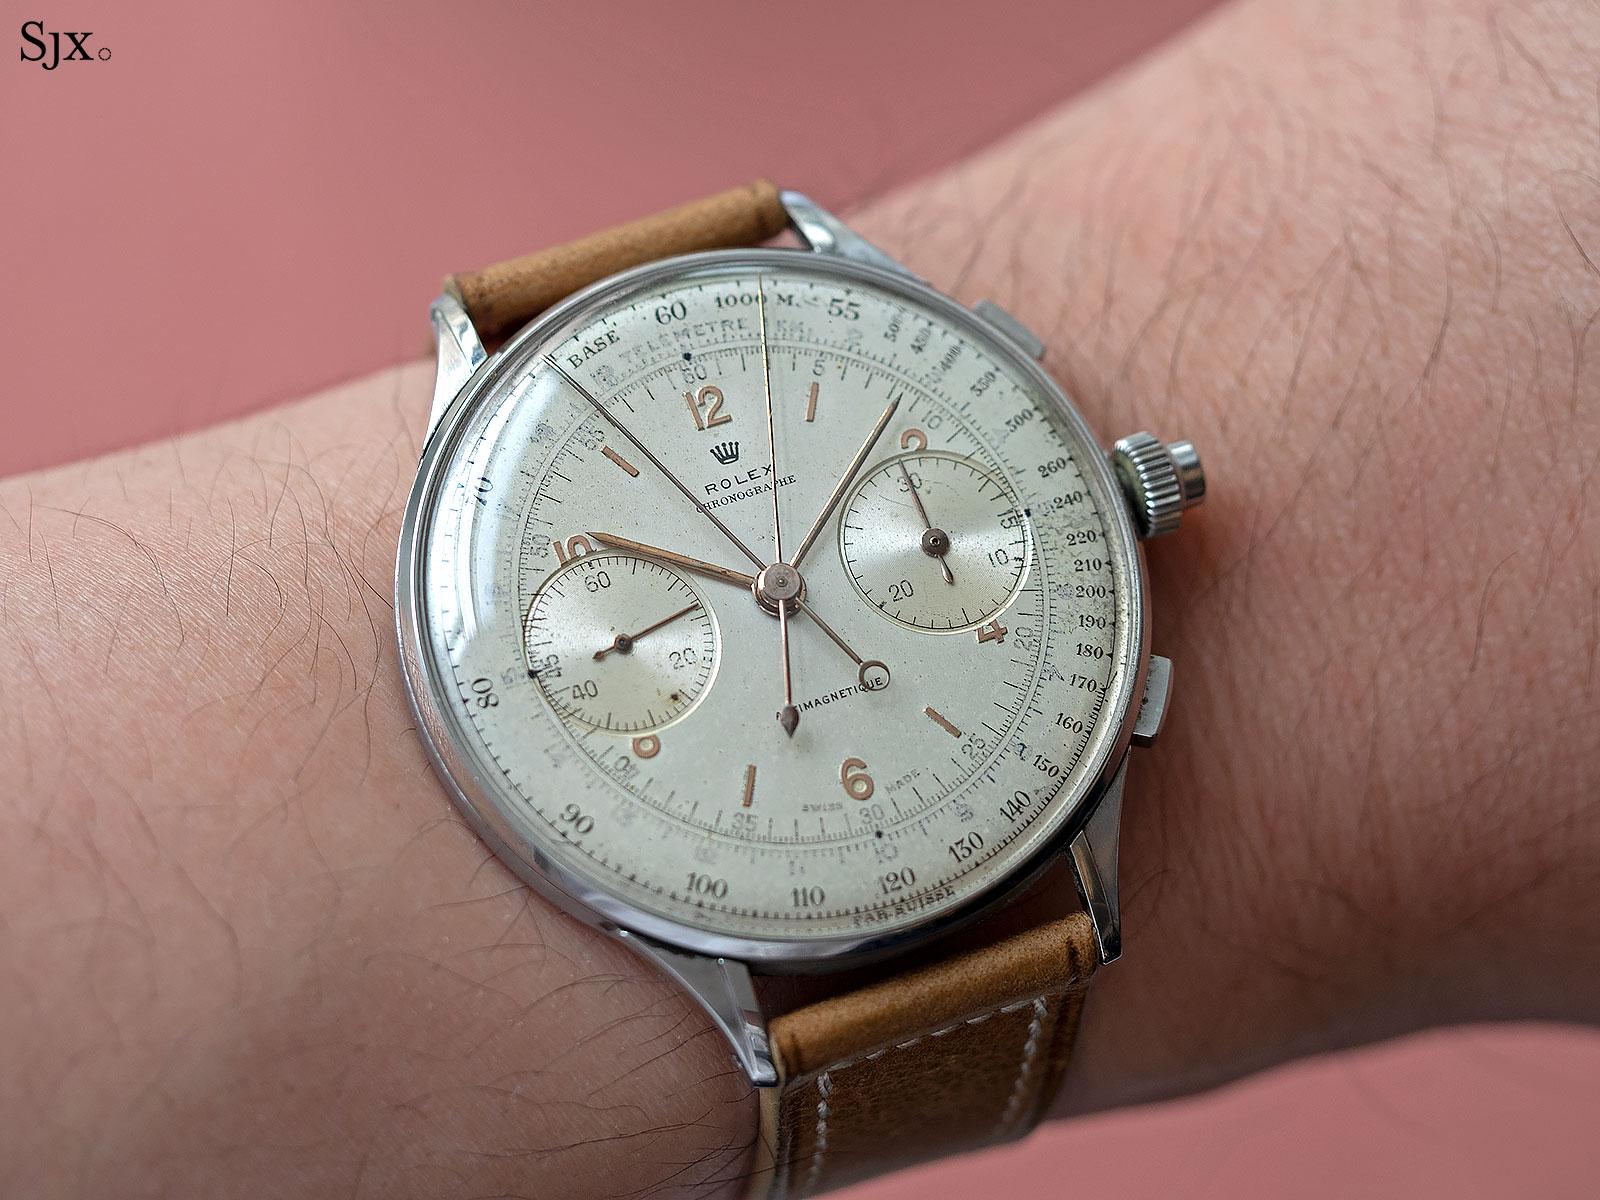 Rolex 4113 split seconds chronograph 8